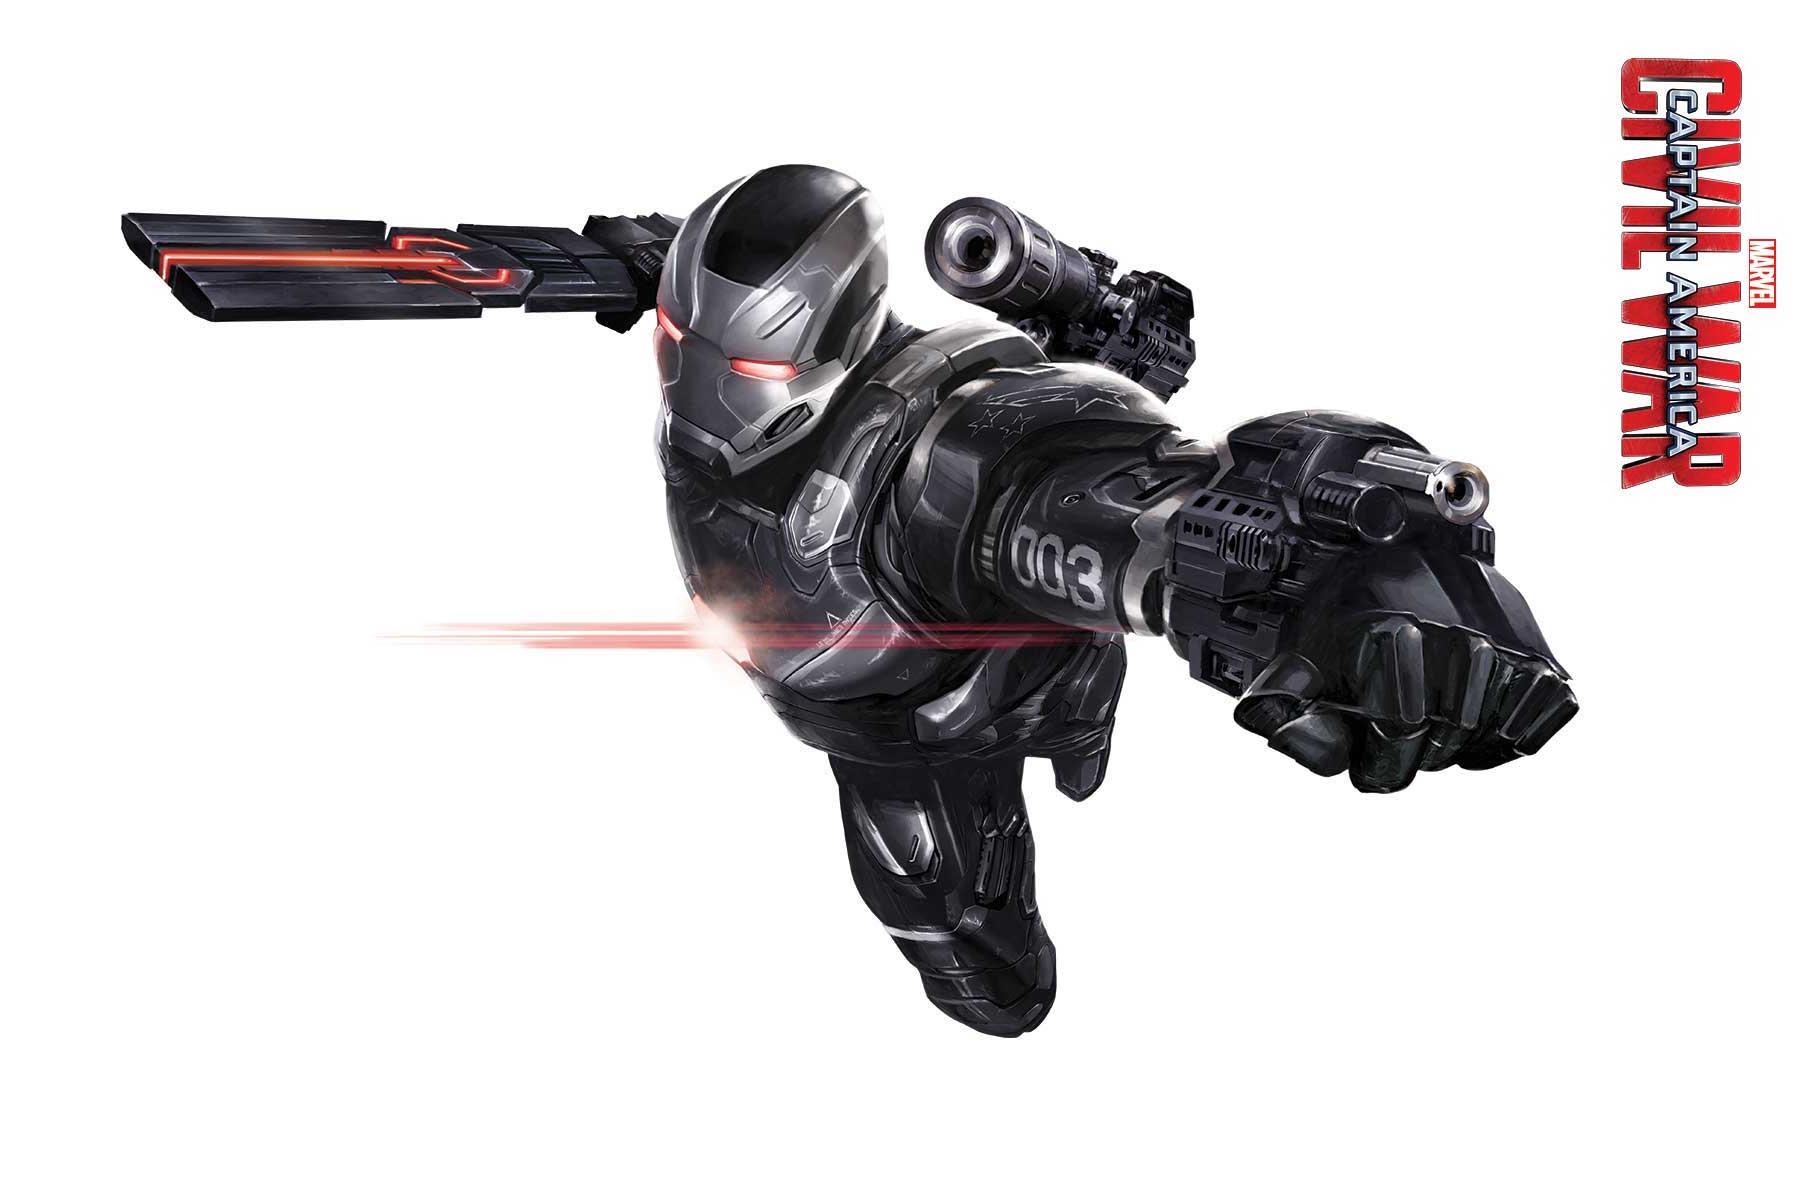 War machine clipart #17